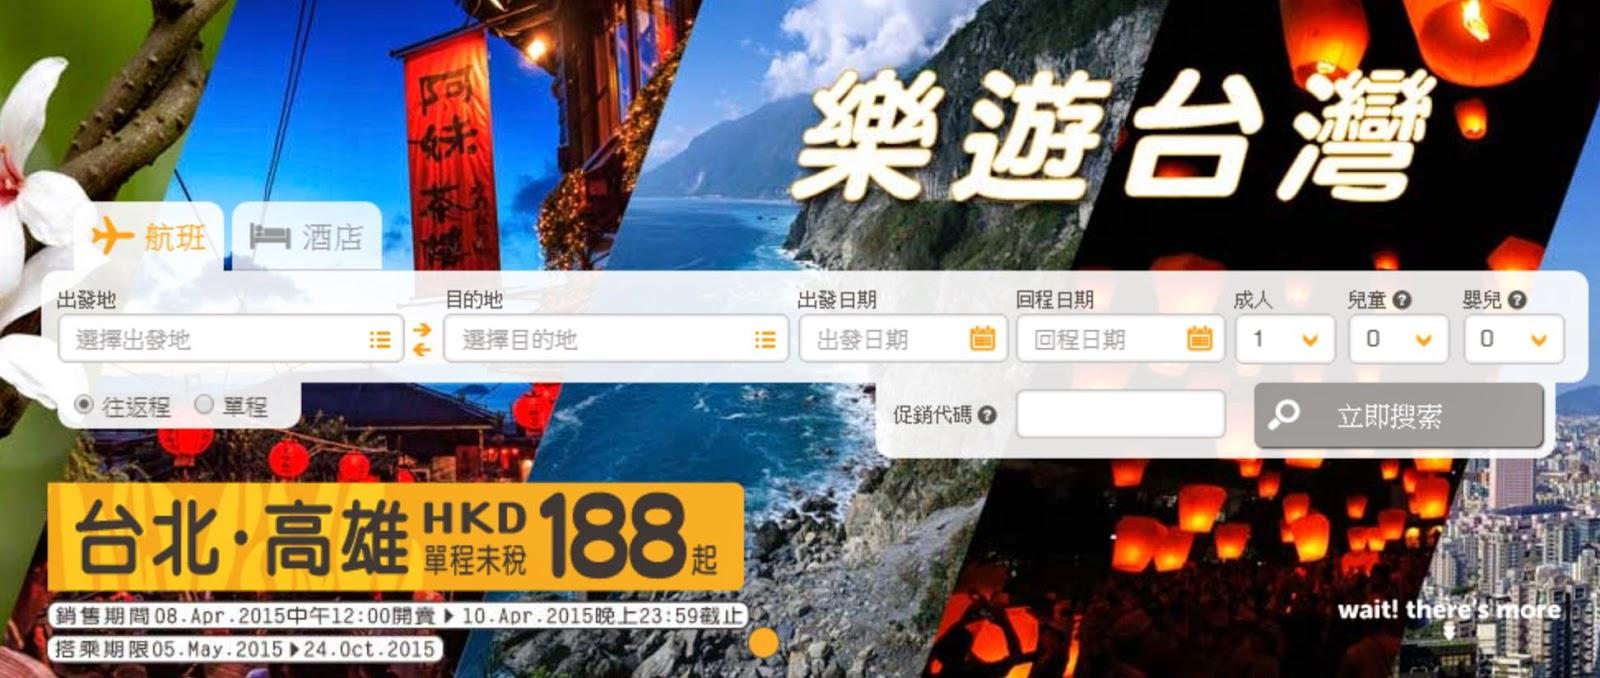 虎航【樂遊台灣】澳門飛台北/高雄,來回機位HK$376起(連稅HK$591),只限3天。